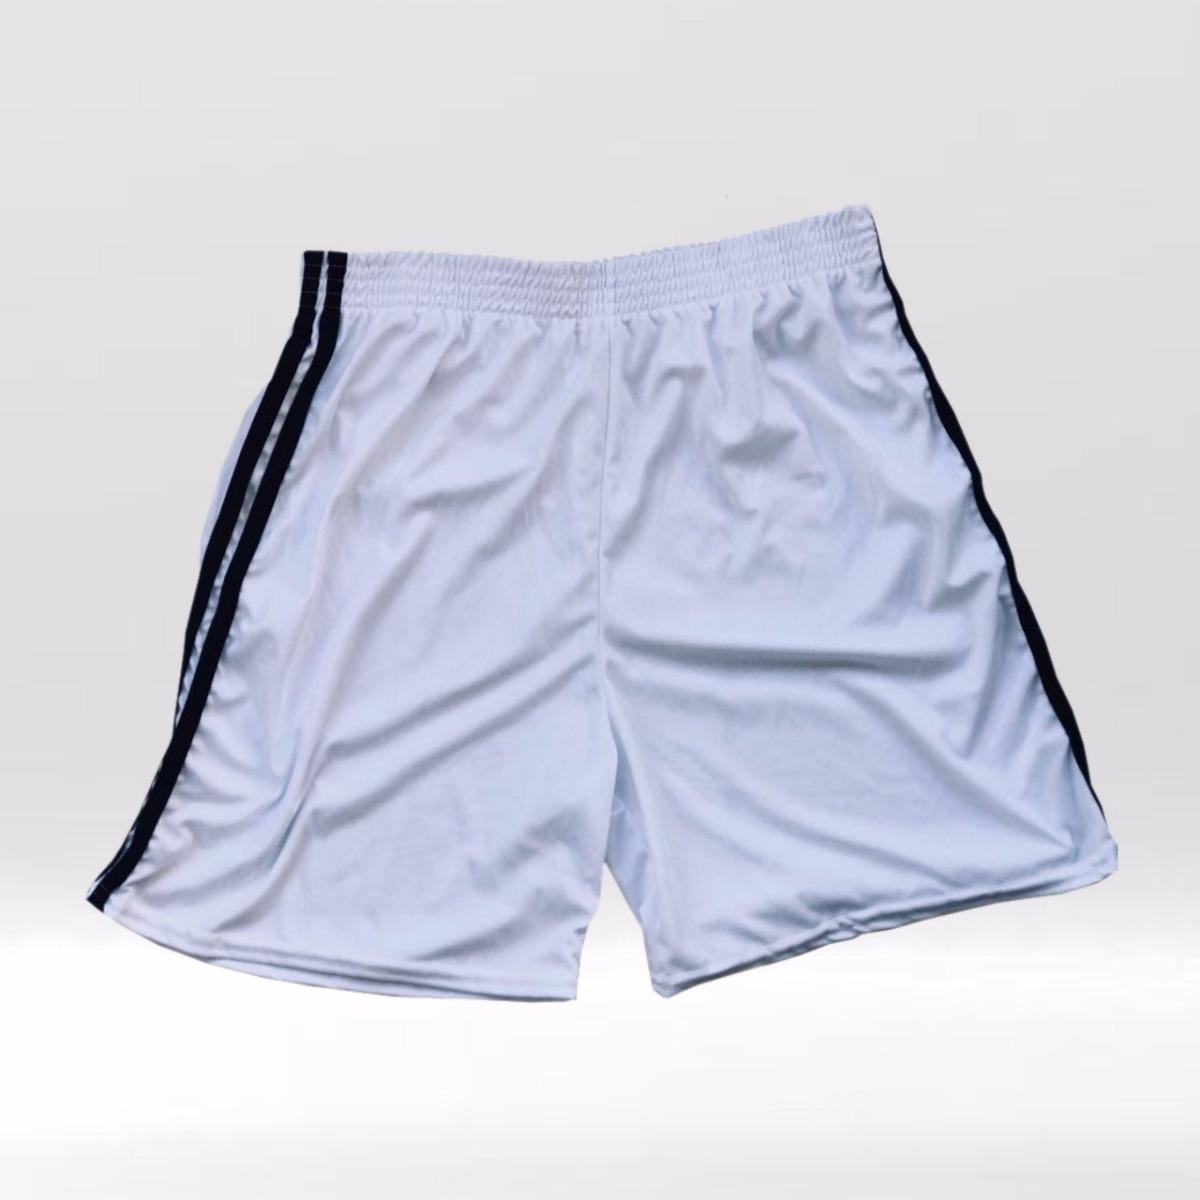 kit10 calção short masculino colegial futebol esporte futsal. Carregando  zoom. 63fcb271c68c5